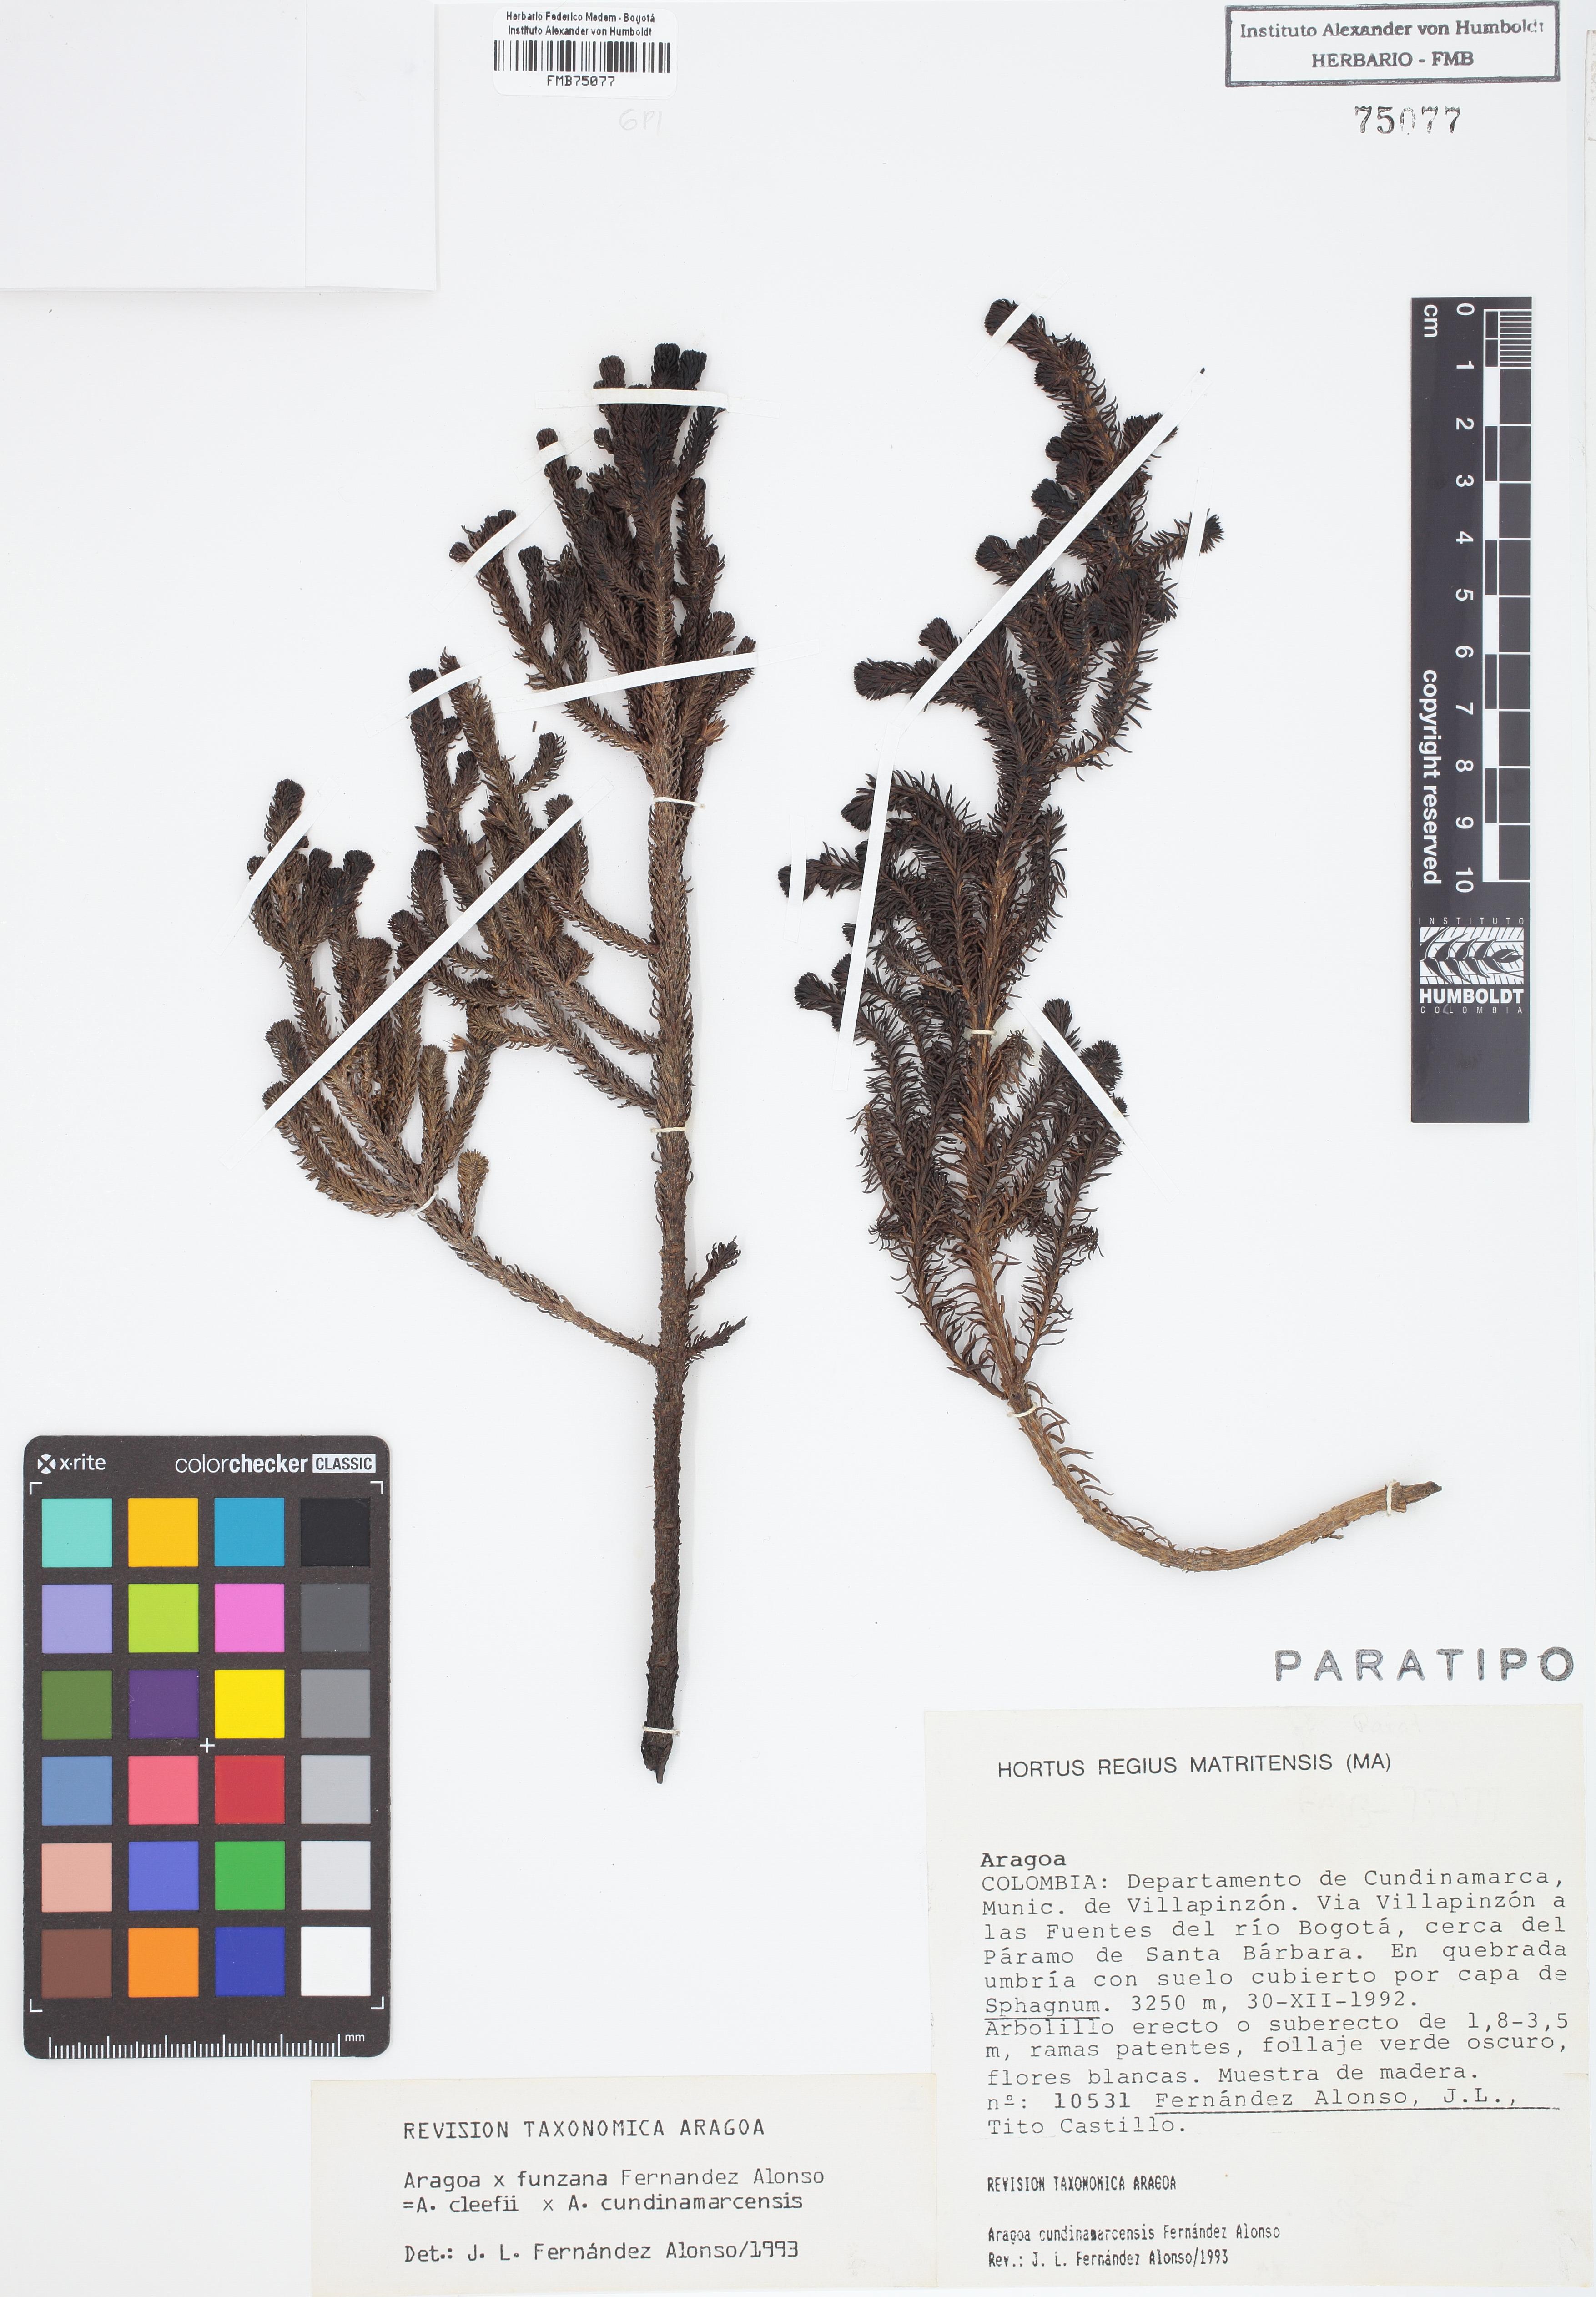 Paratipo de <em>Aragoa</em> x <em>funzana</em>, FMB-75077, Fotografía por Robles A.